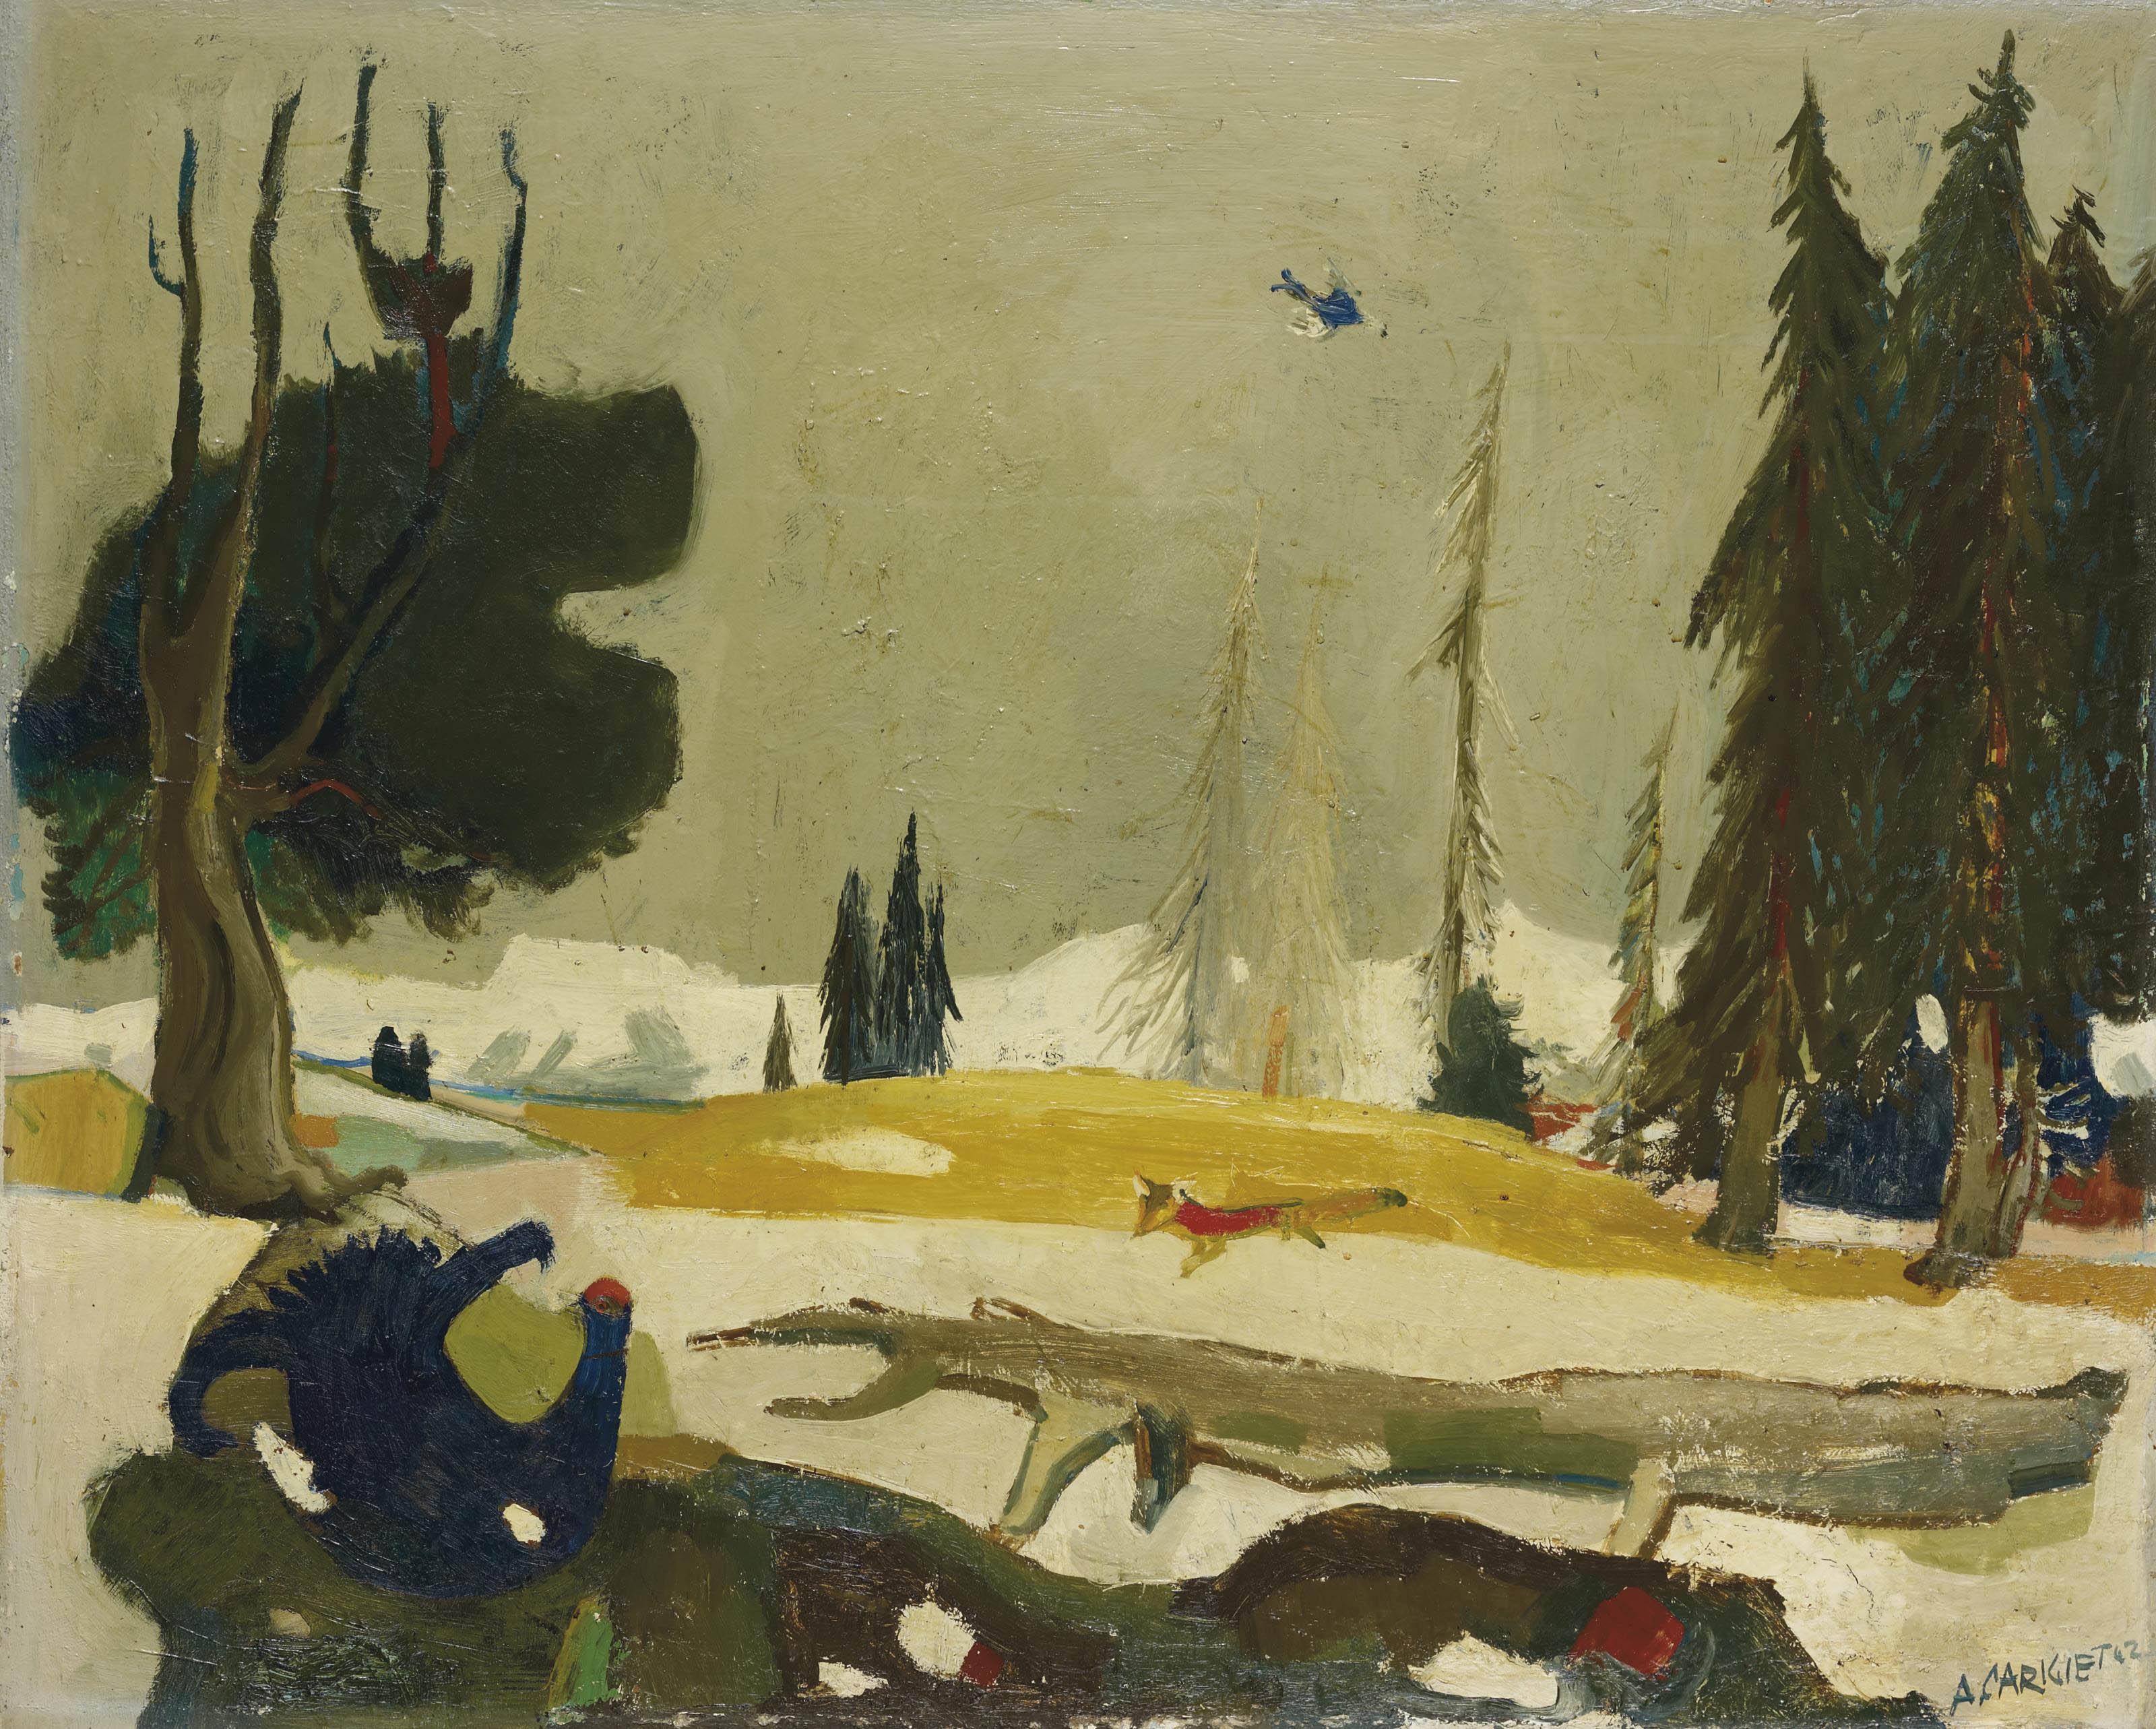 Landschaft mit Birkhahn, 1942